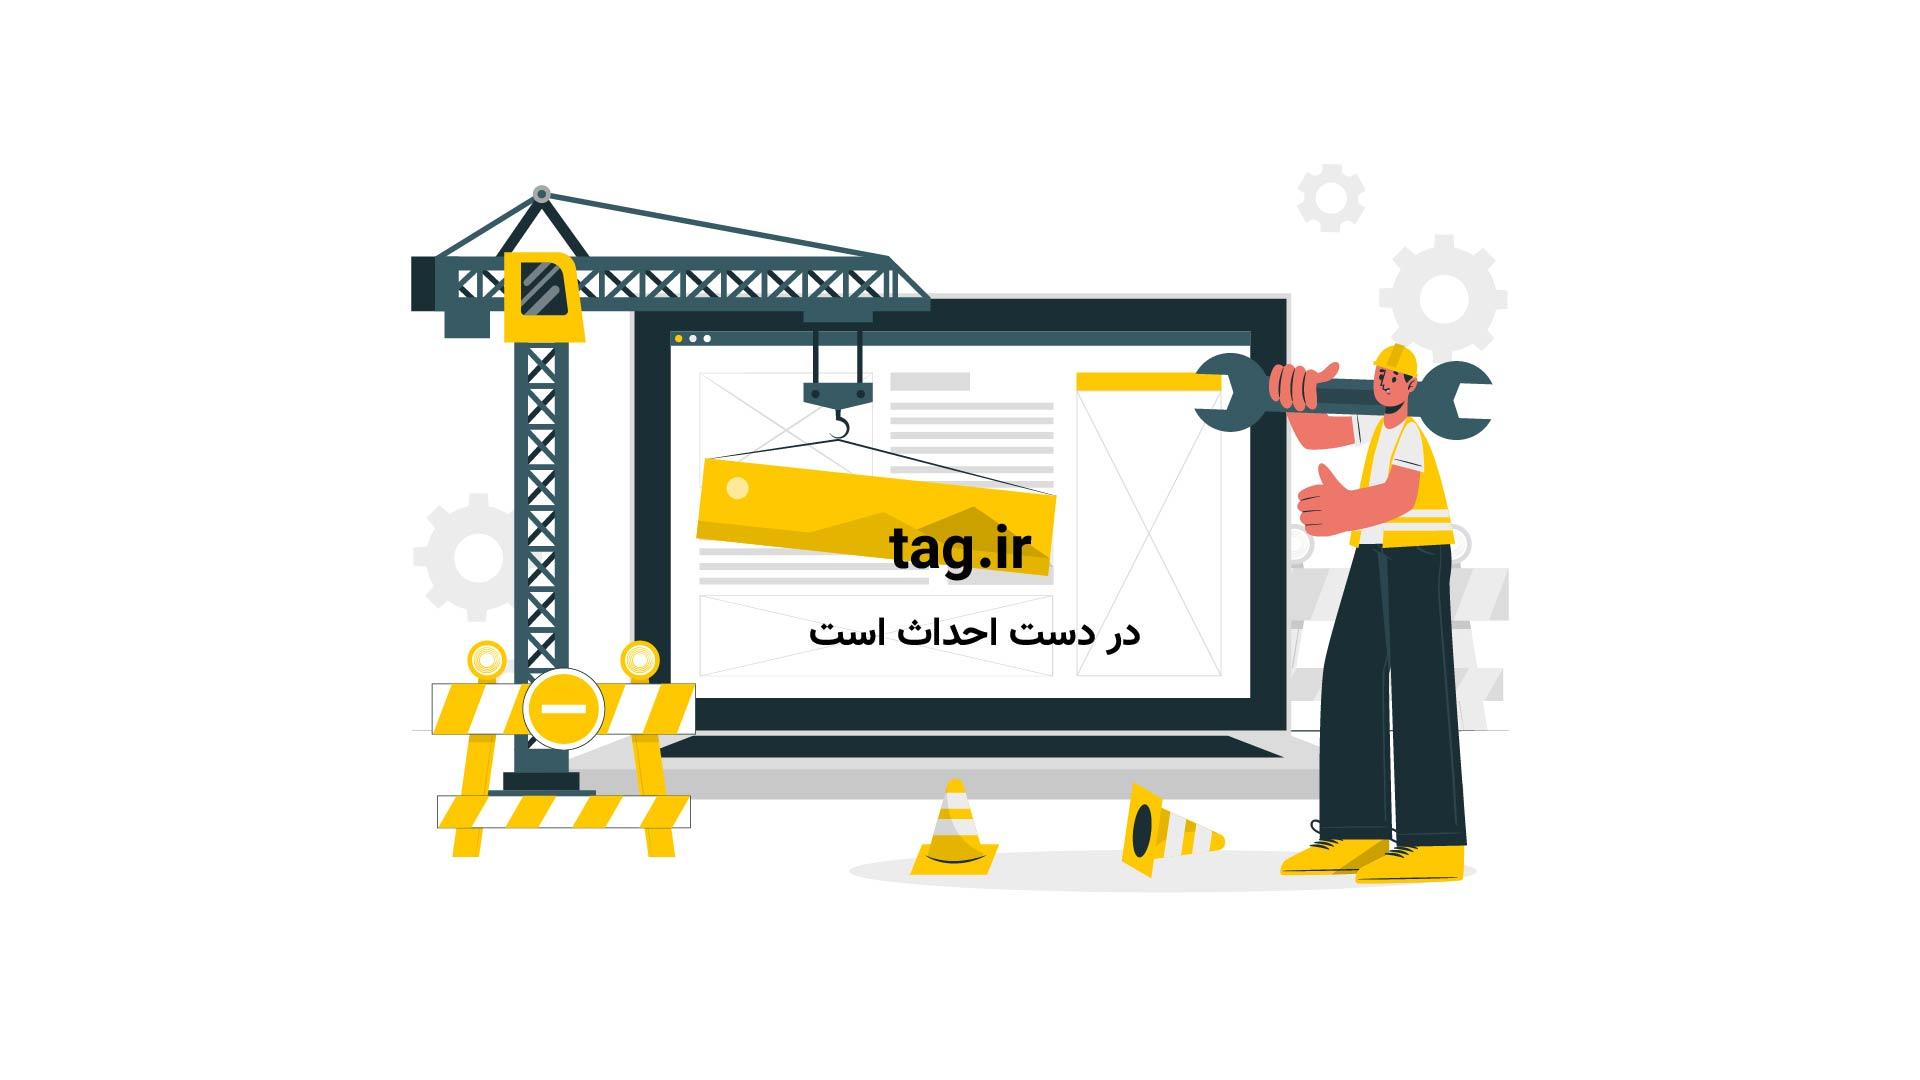 اردوغان-نشست | تگ